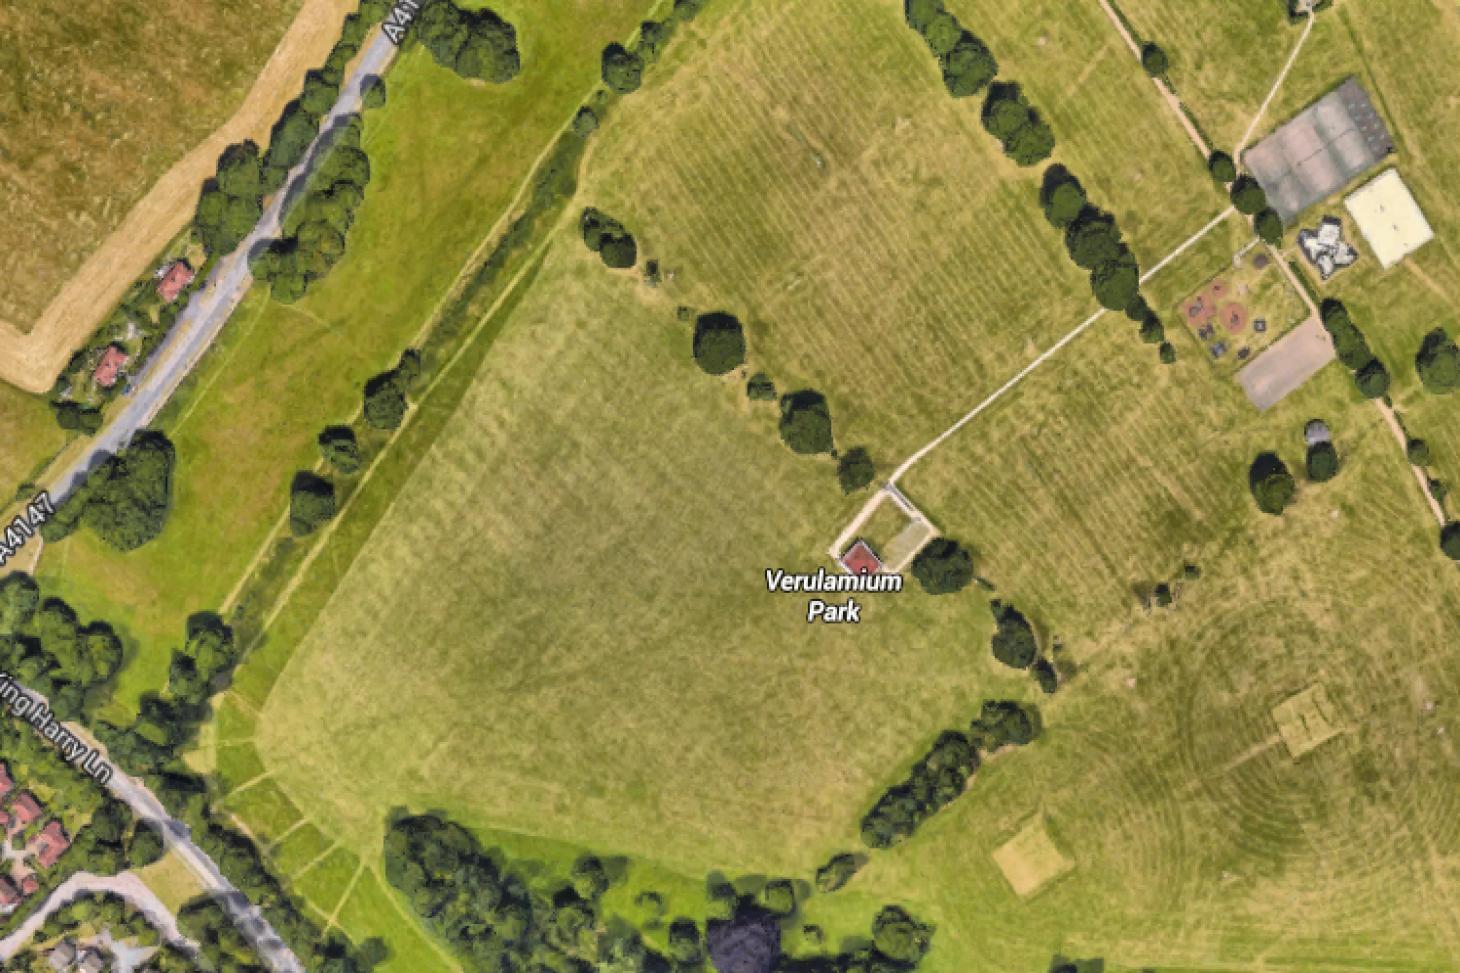 Verulamium Park 11 a side | Grass football pitch